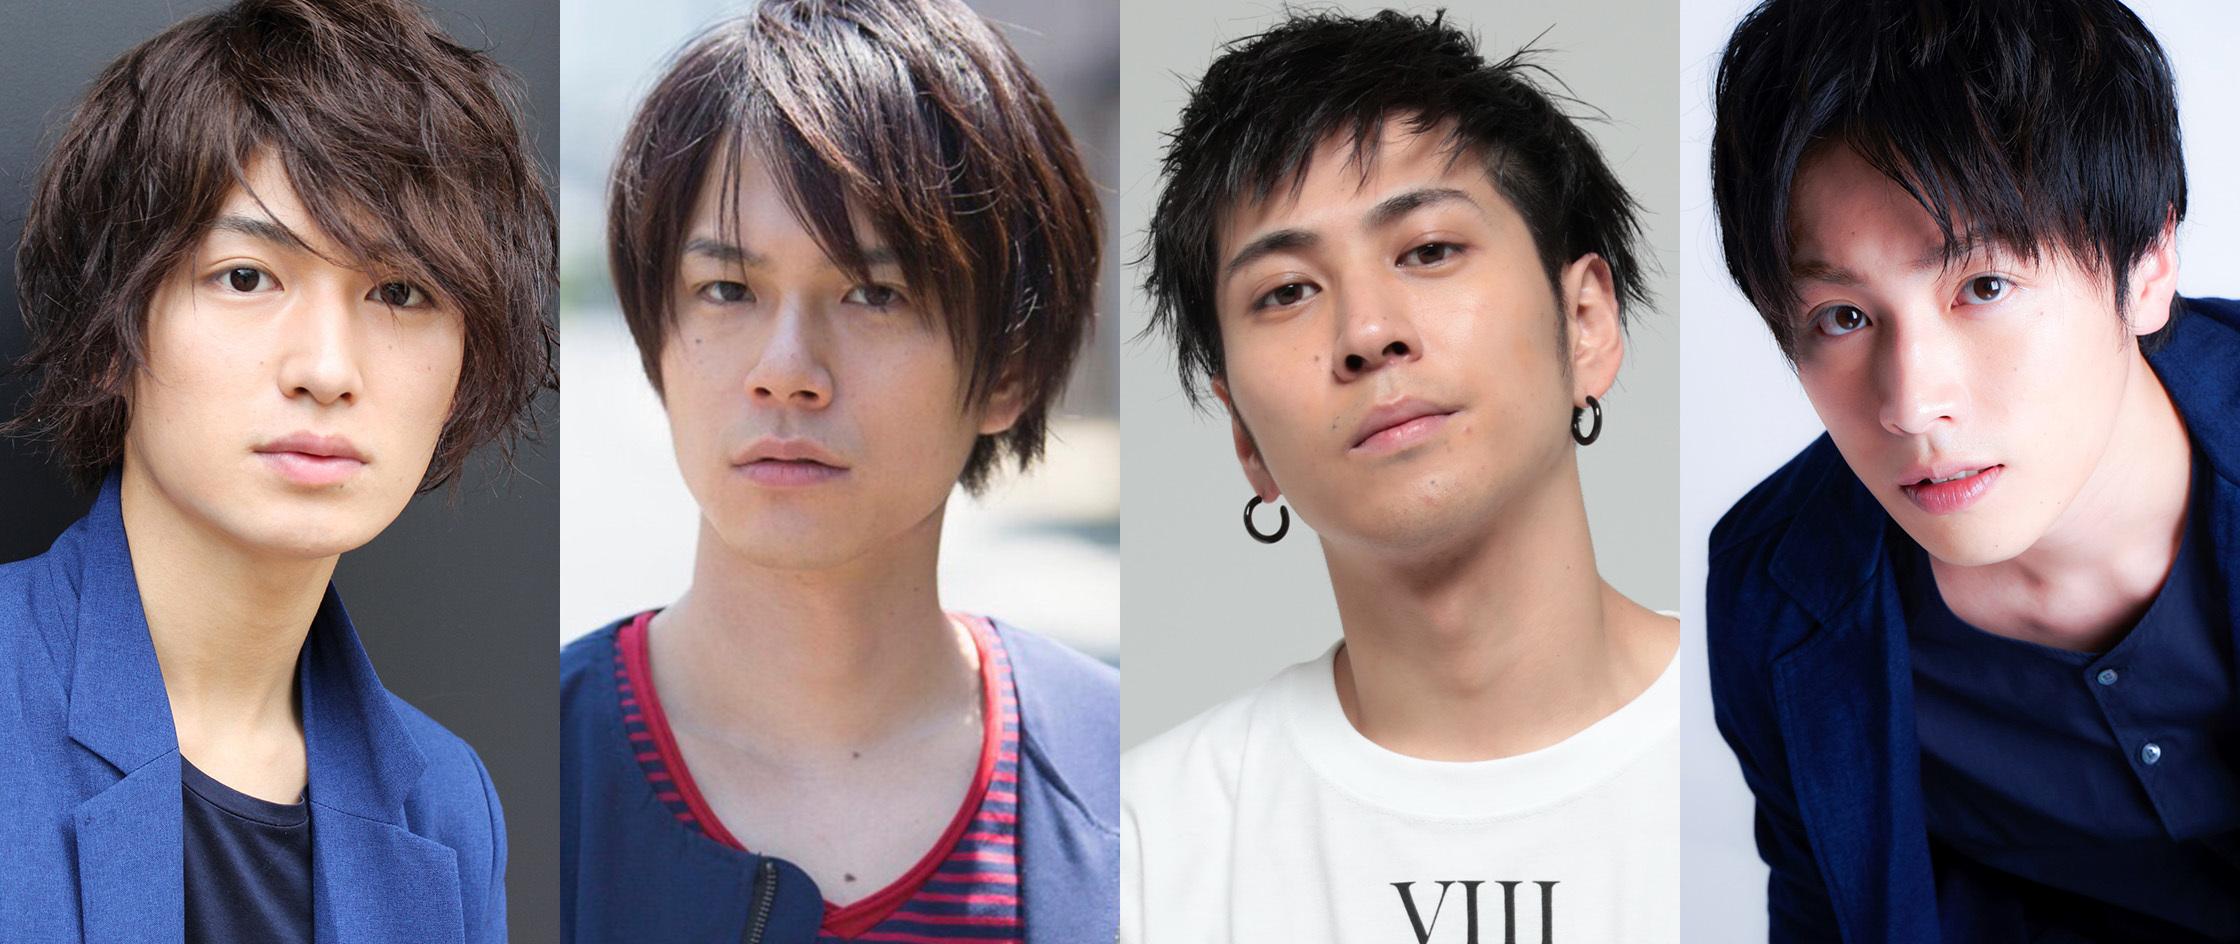 写真左から 松田凌、平野良、井澤勇貴、鈴木勝吾